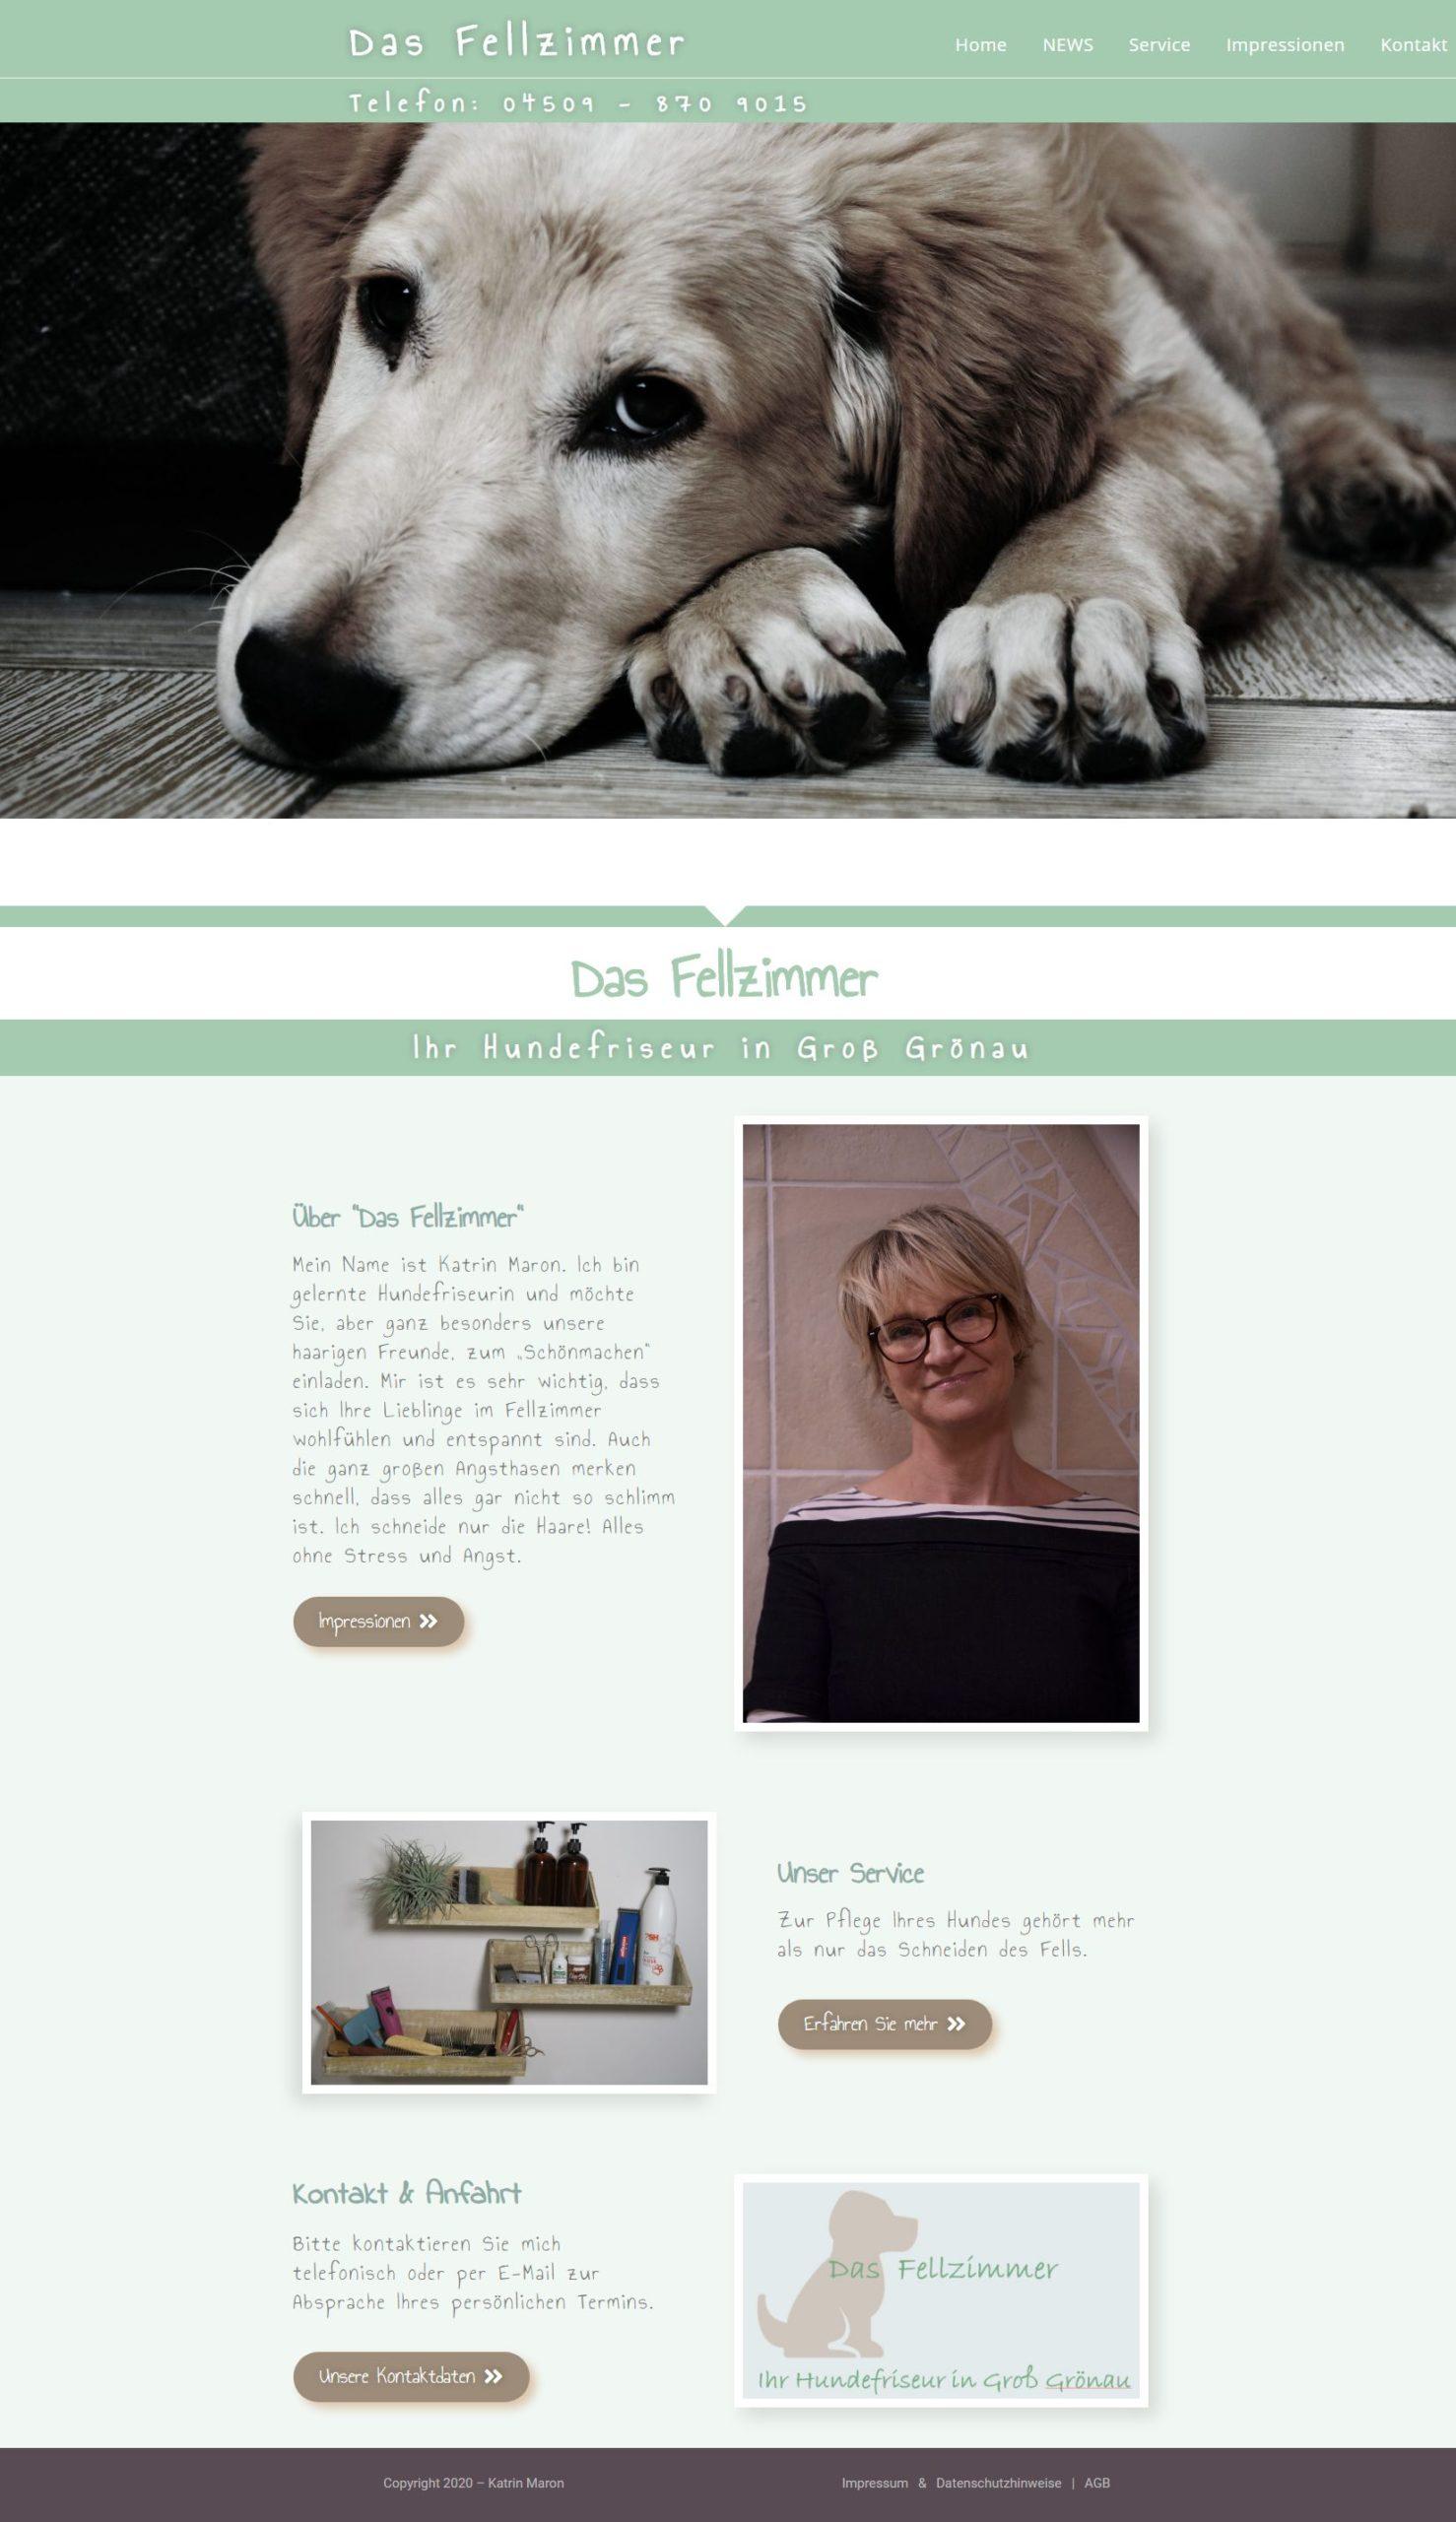 Das Fellzimmer - Ihr Hundefriseur in Groß Grönau